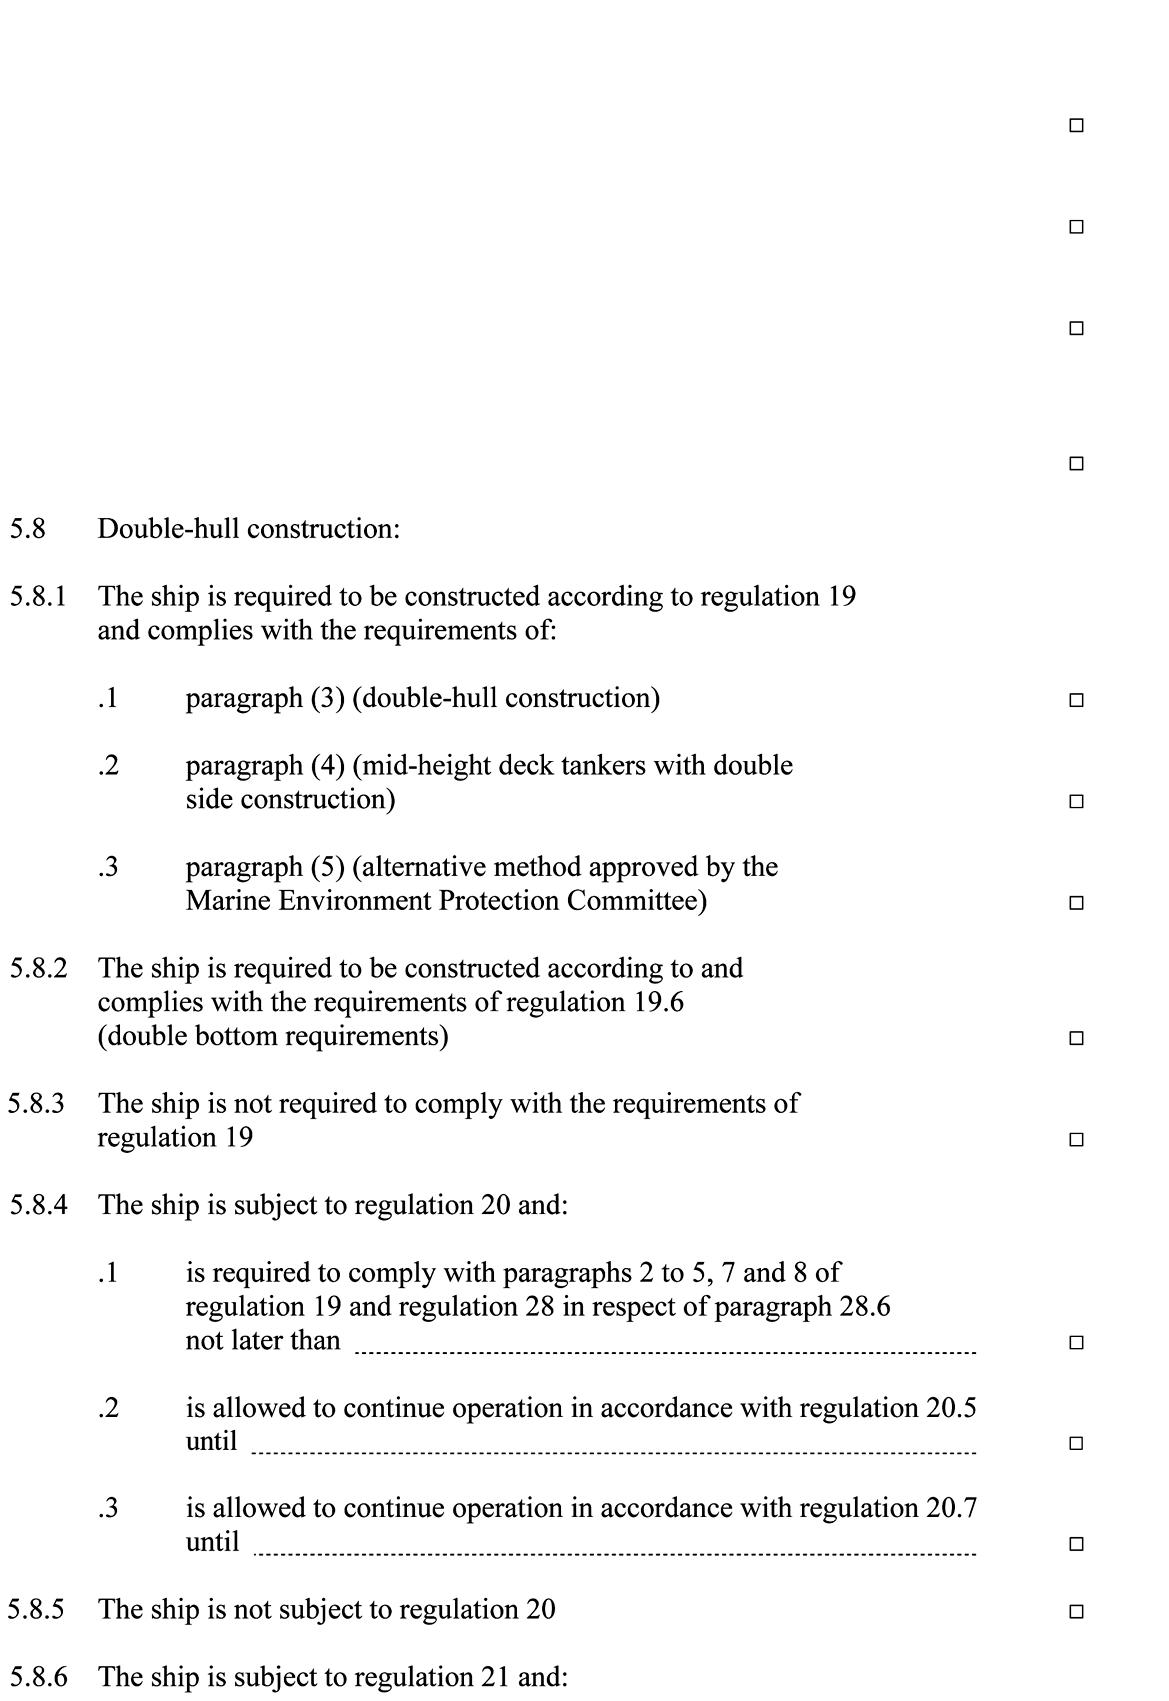 Internationaal Verdrag Ter Voorkoming Van Verontreiniging Door Schepen 1973 Zoals Gewijzigd Het Protocol 1978 Daarbij